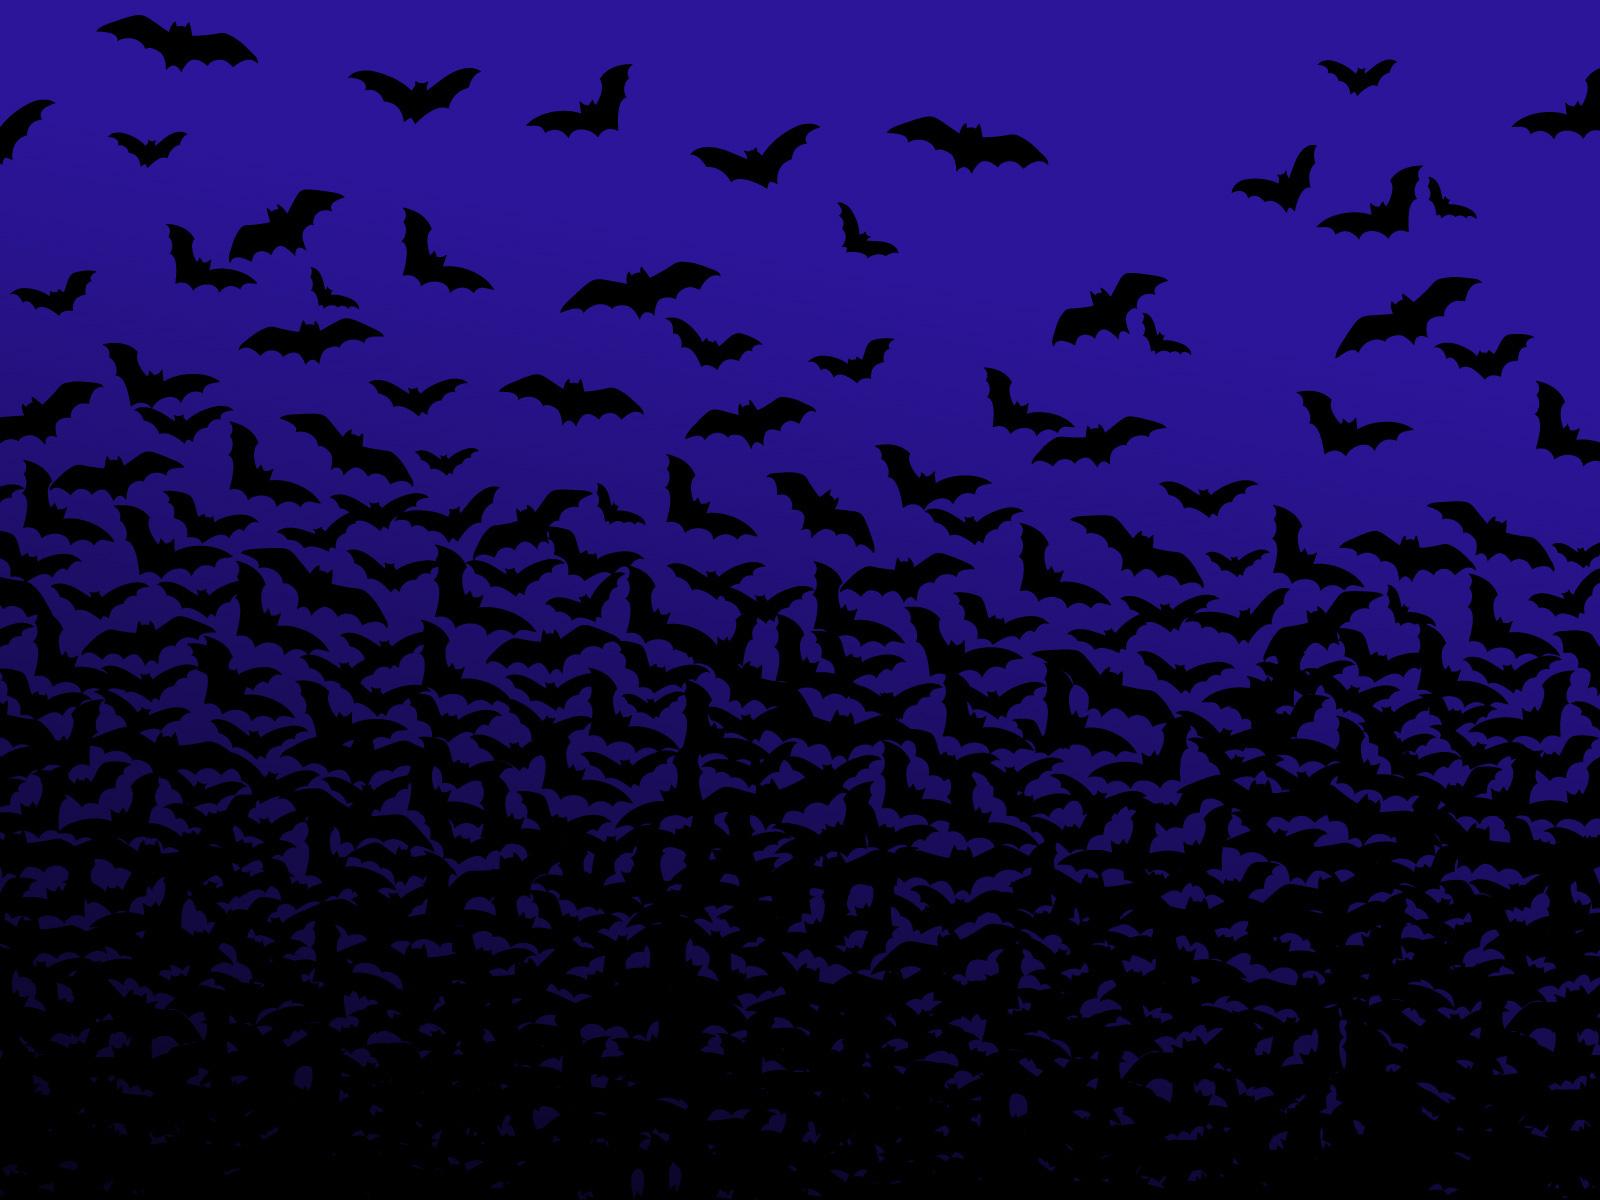 Halloween Bats Wallpaper 41537 1600x1200 px